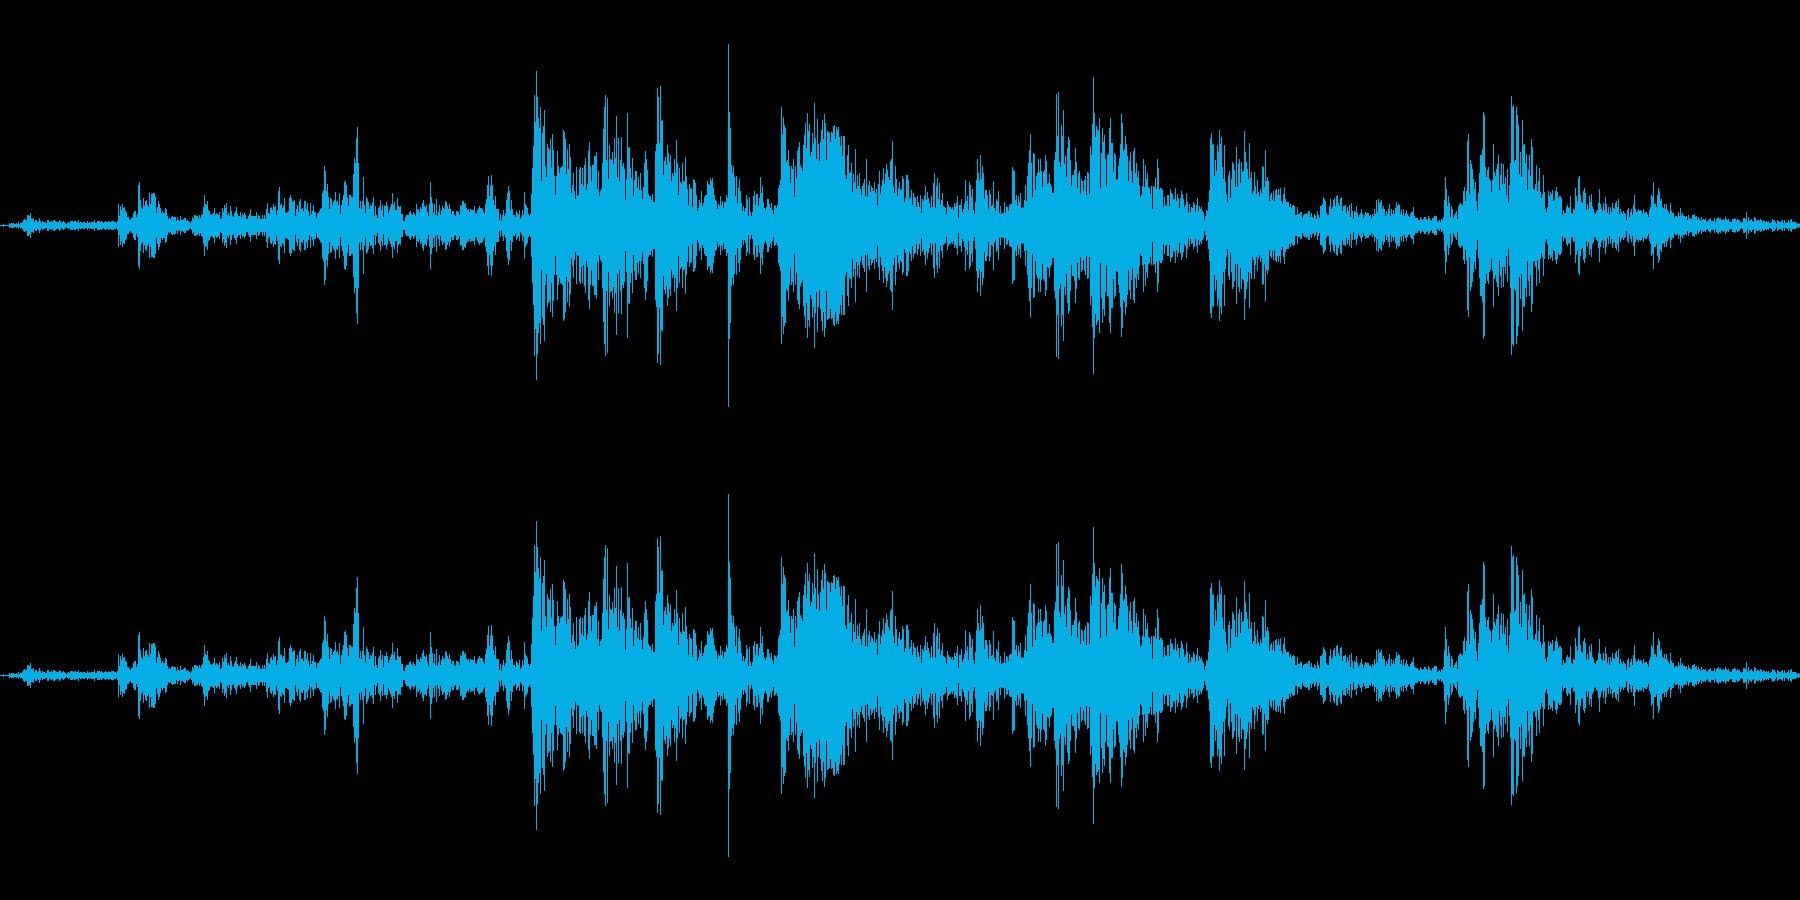 氷を入れる音(シャカ、カラン)の再生済みの波形